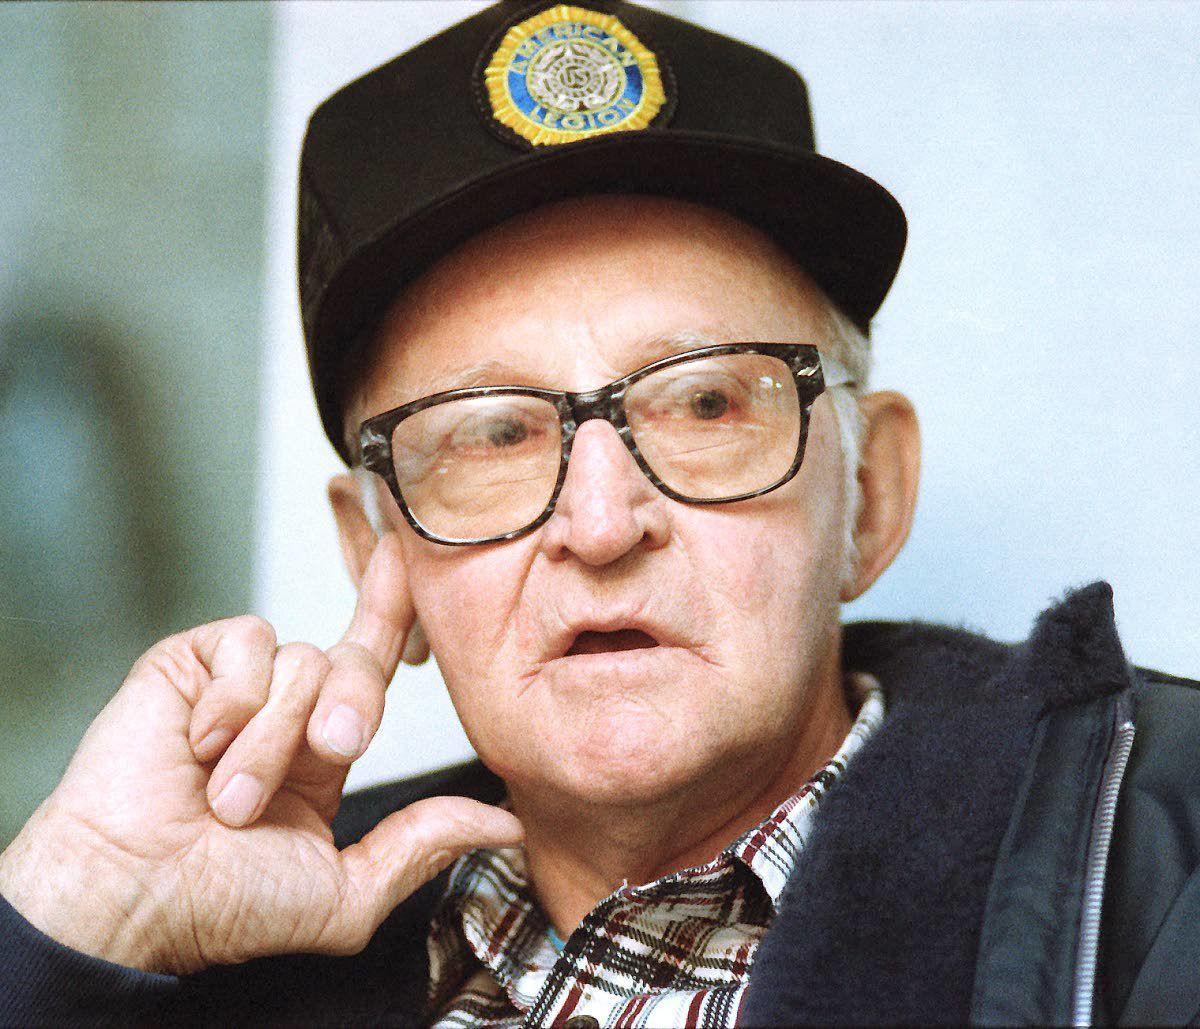 Remembering the struggle at Iwo Jima